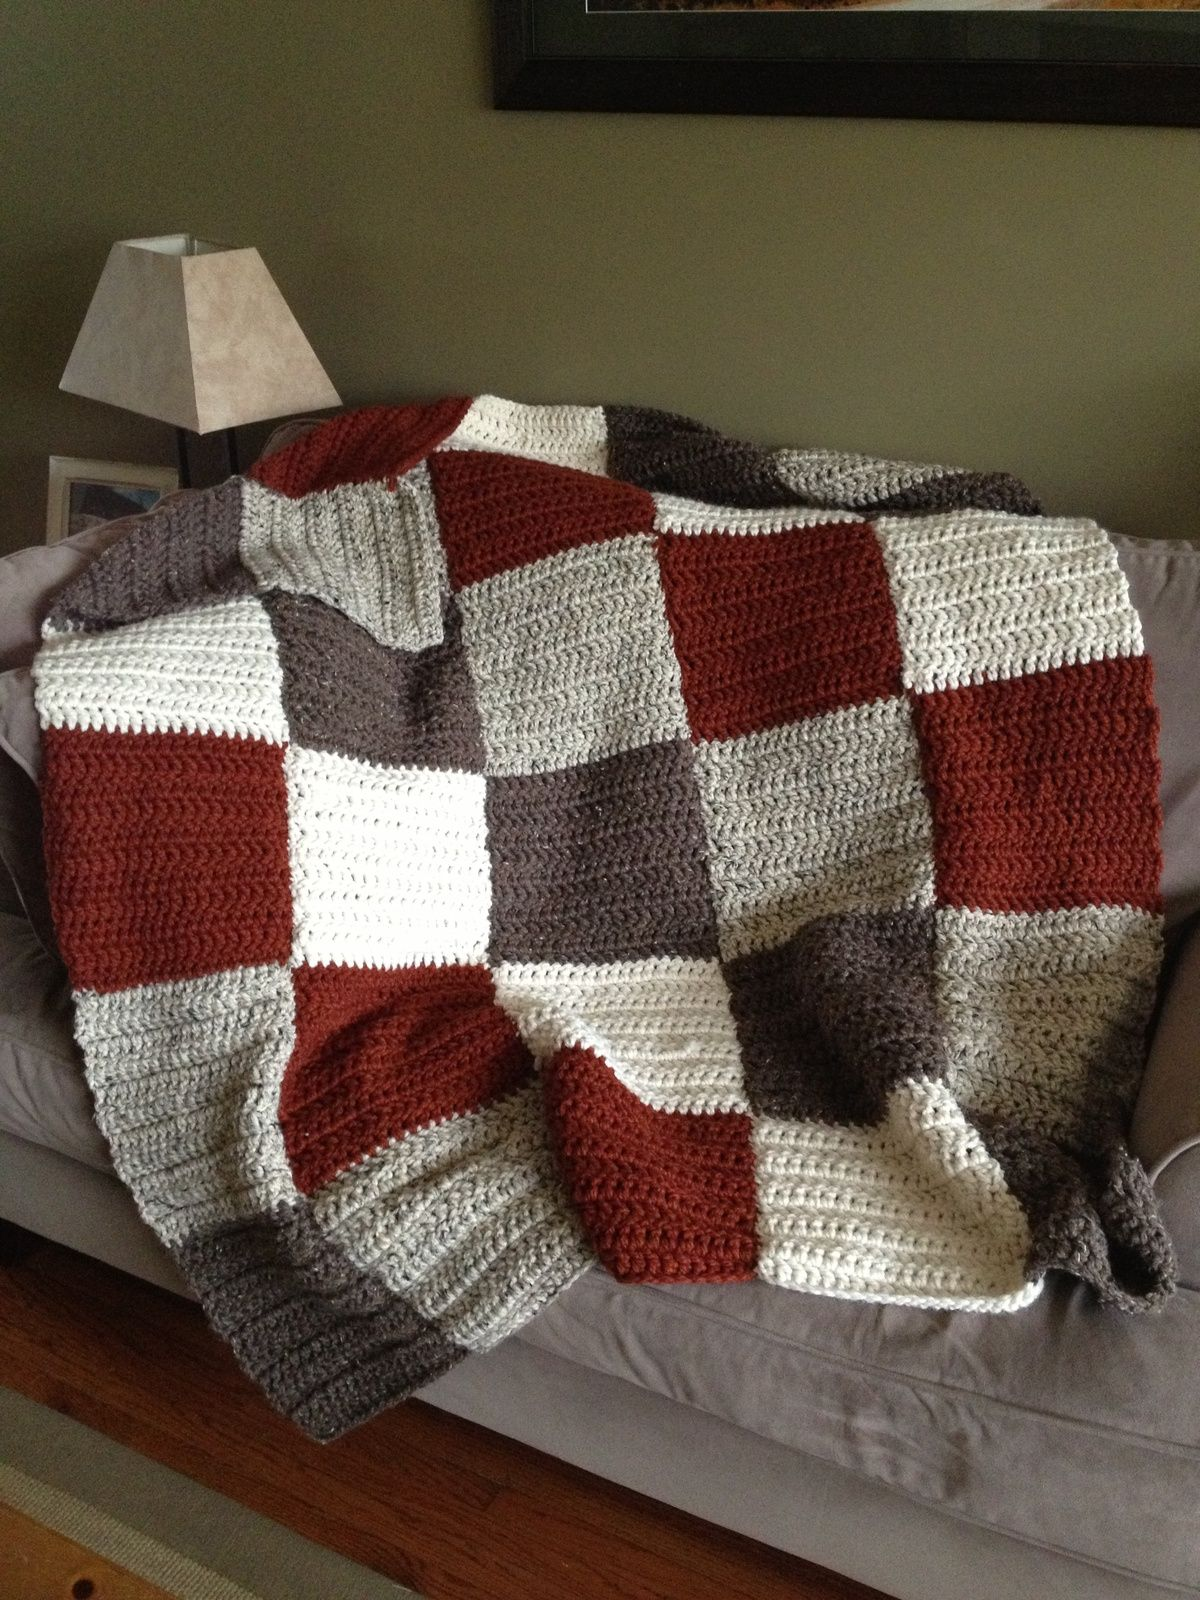 4799a4b160267f5380b3de64cf356db5.jpg 1,200×1,600 pixels | Crochet ...